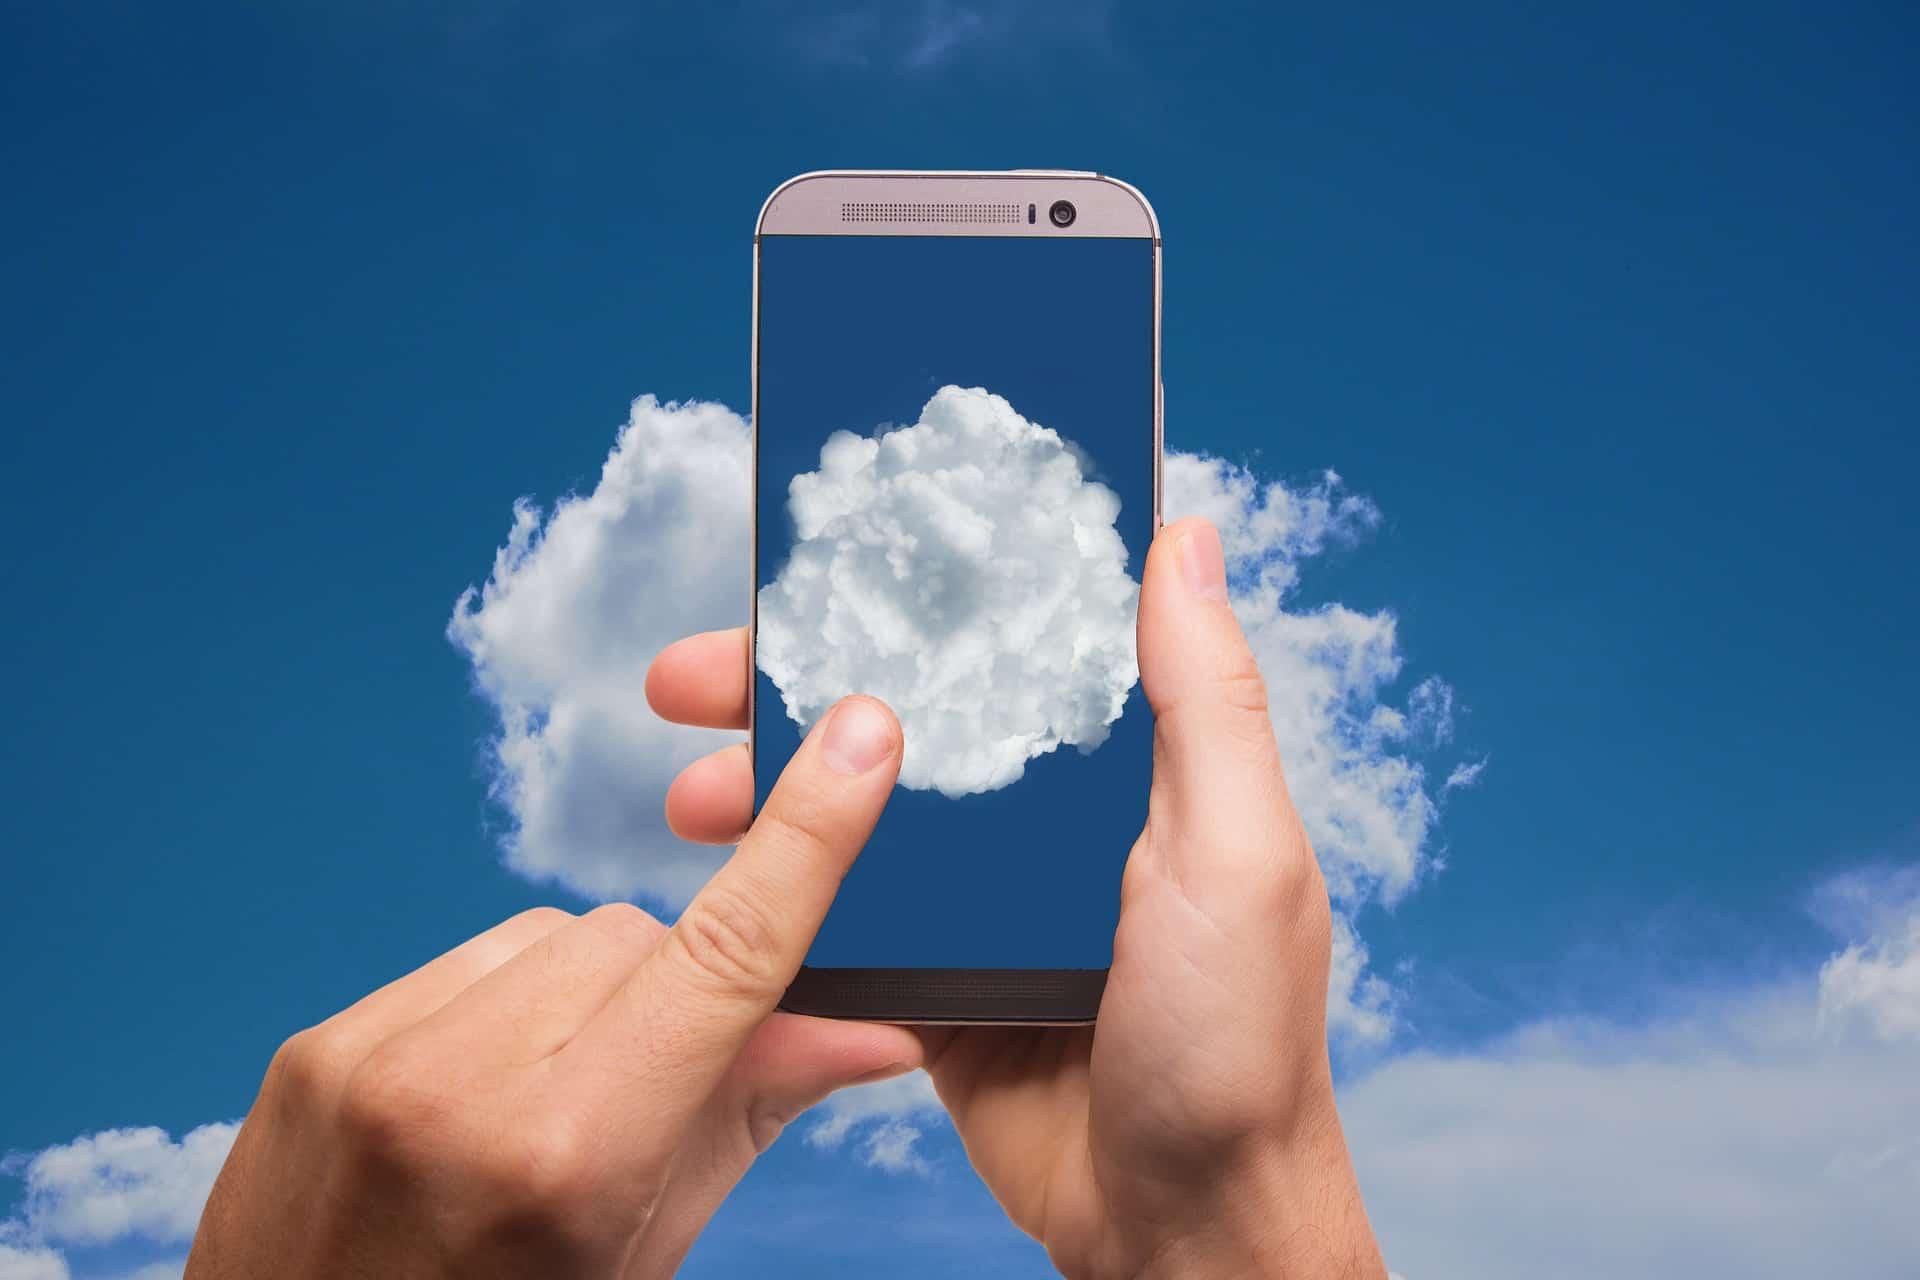 cloud 2537777 1920.